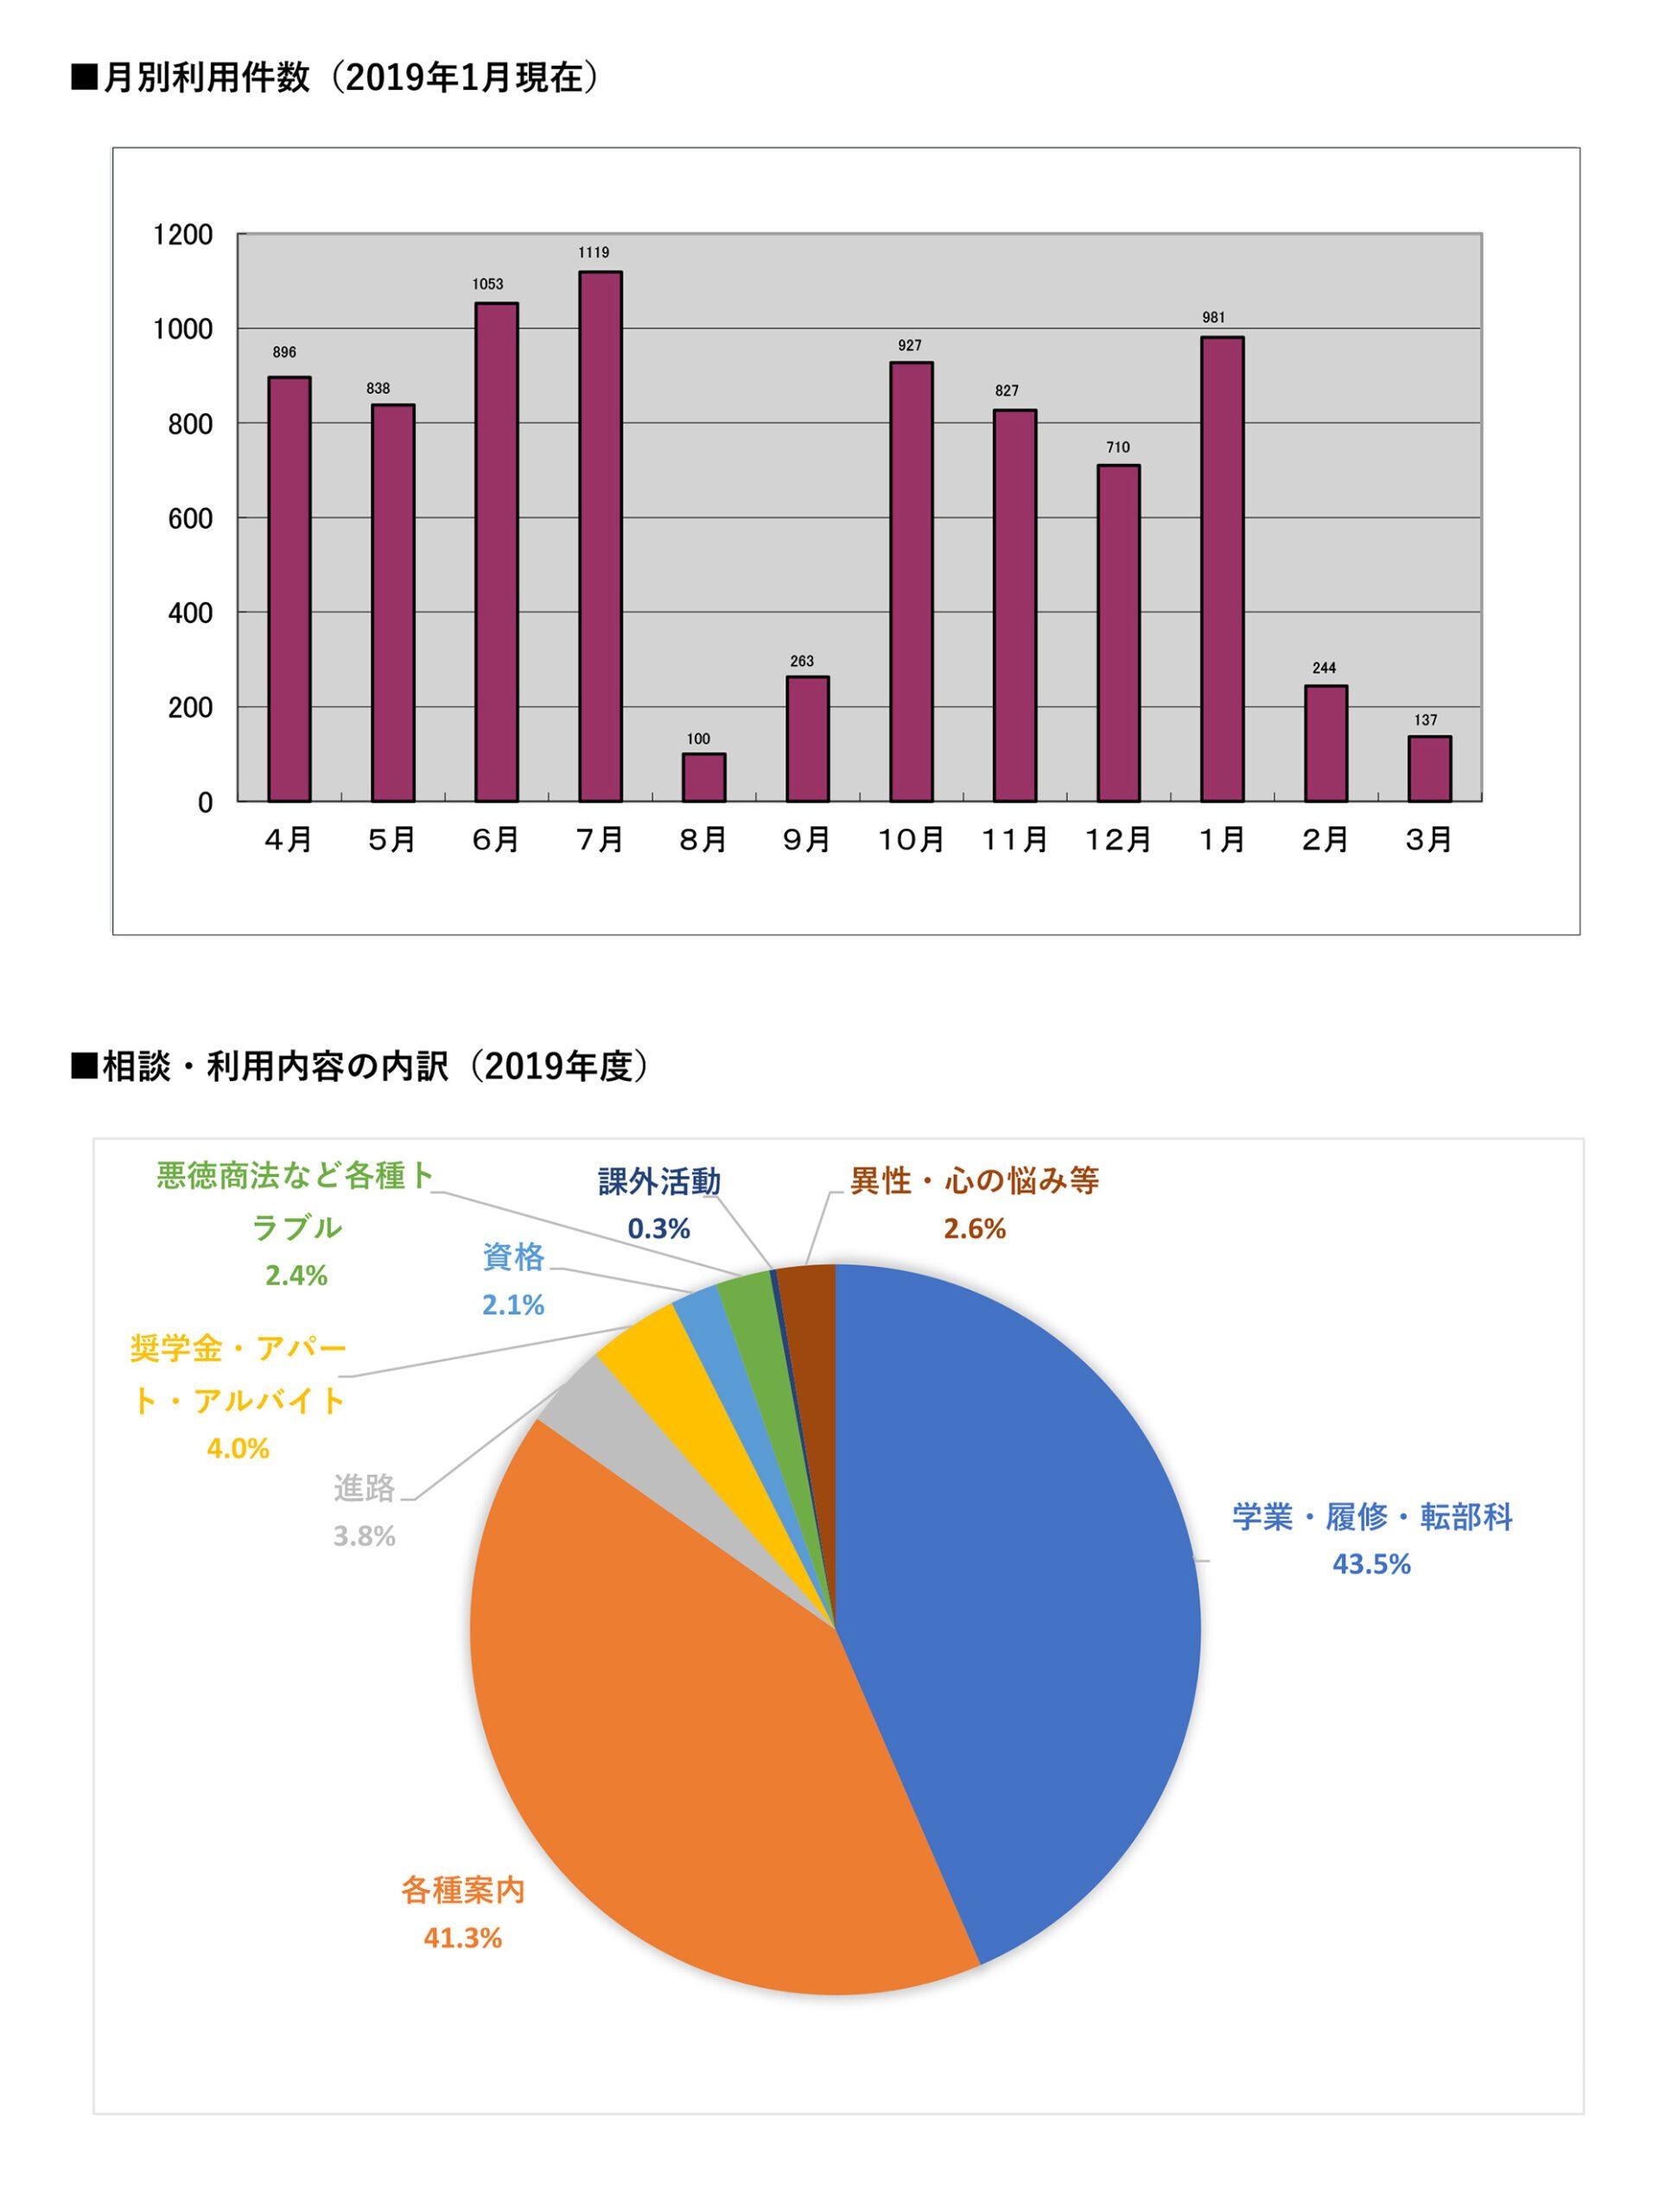 月別利用件数の棒グラフと相談・利用内容の内訳の円グラフ